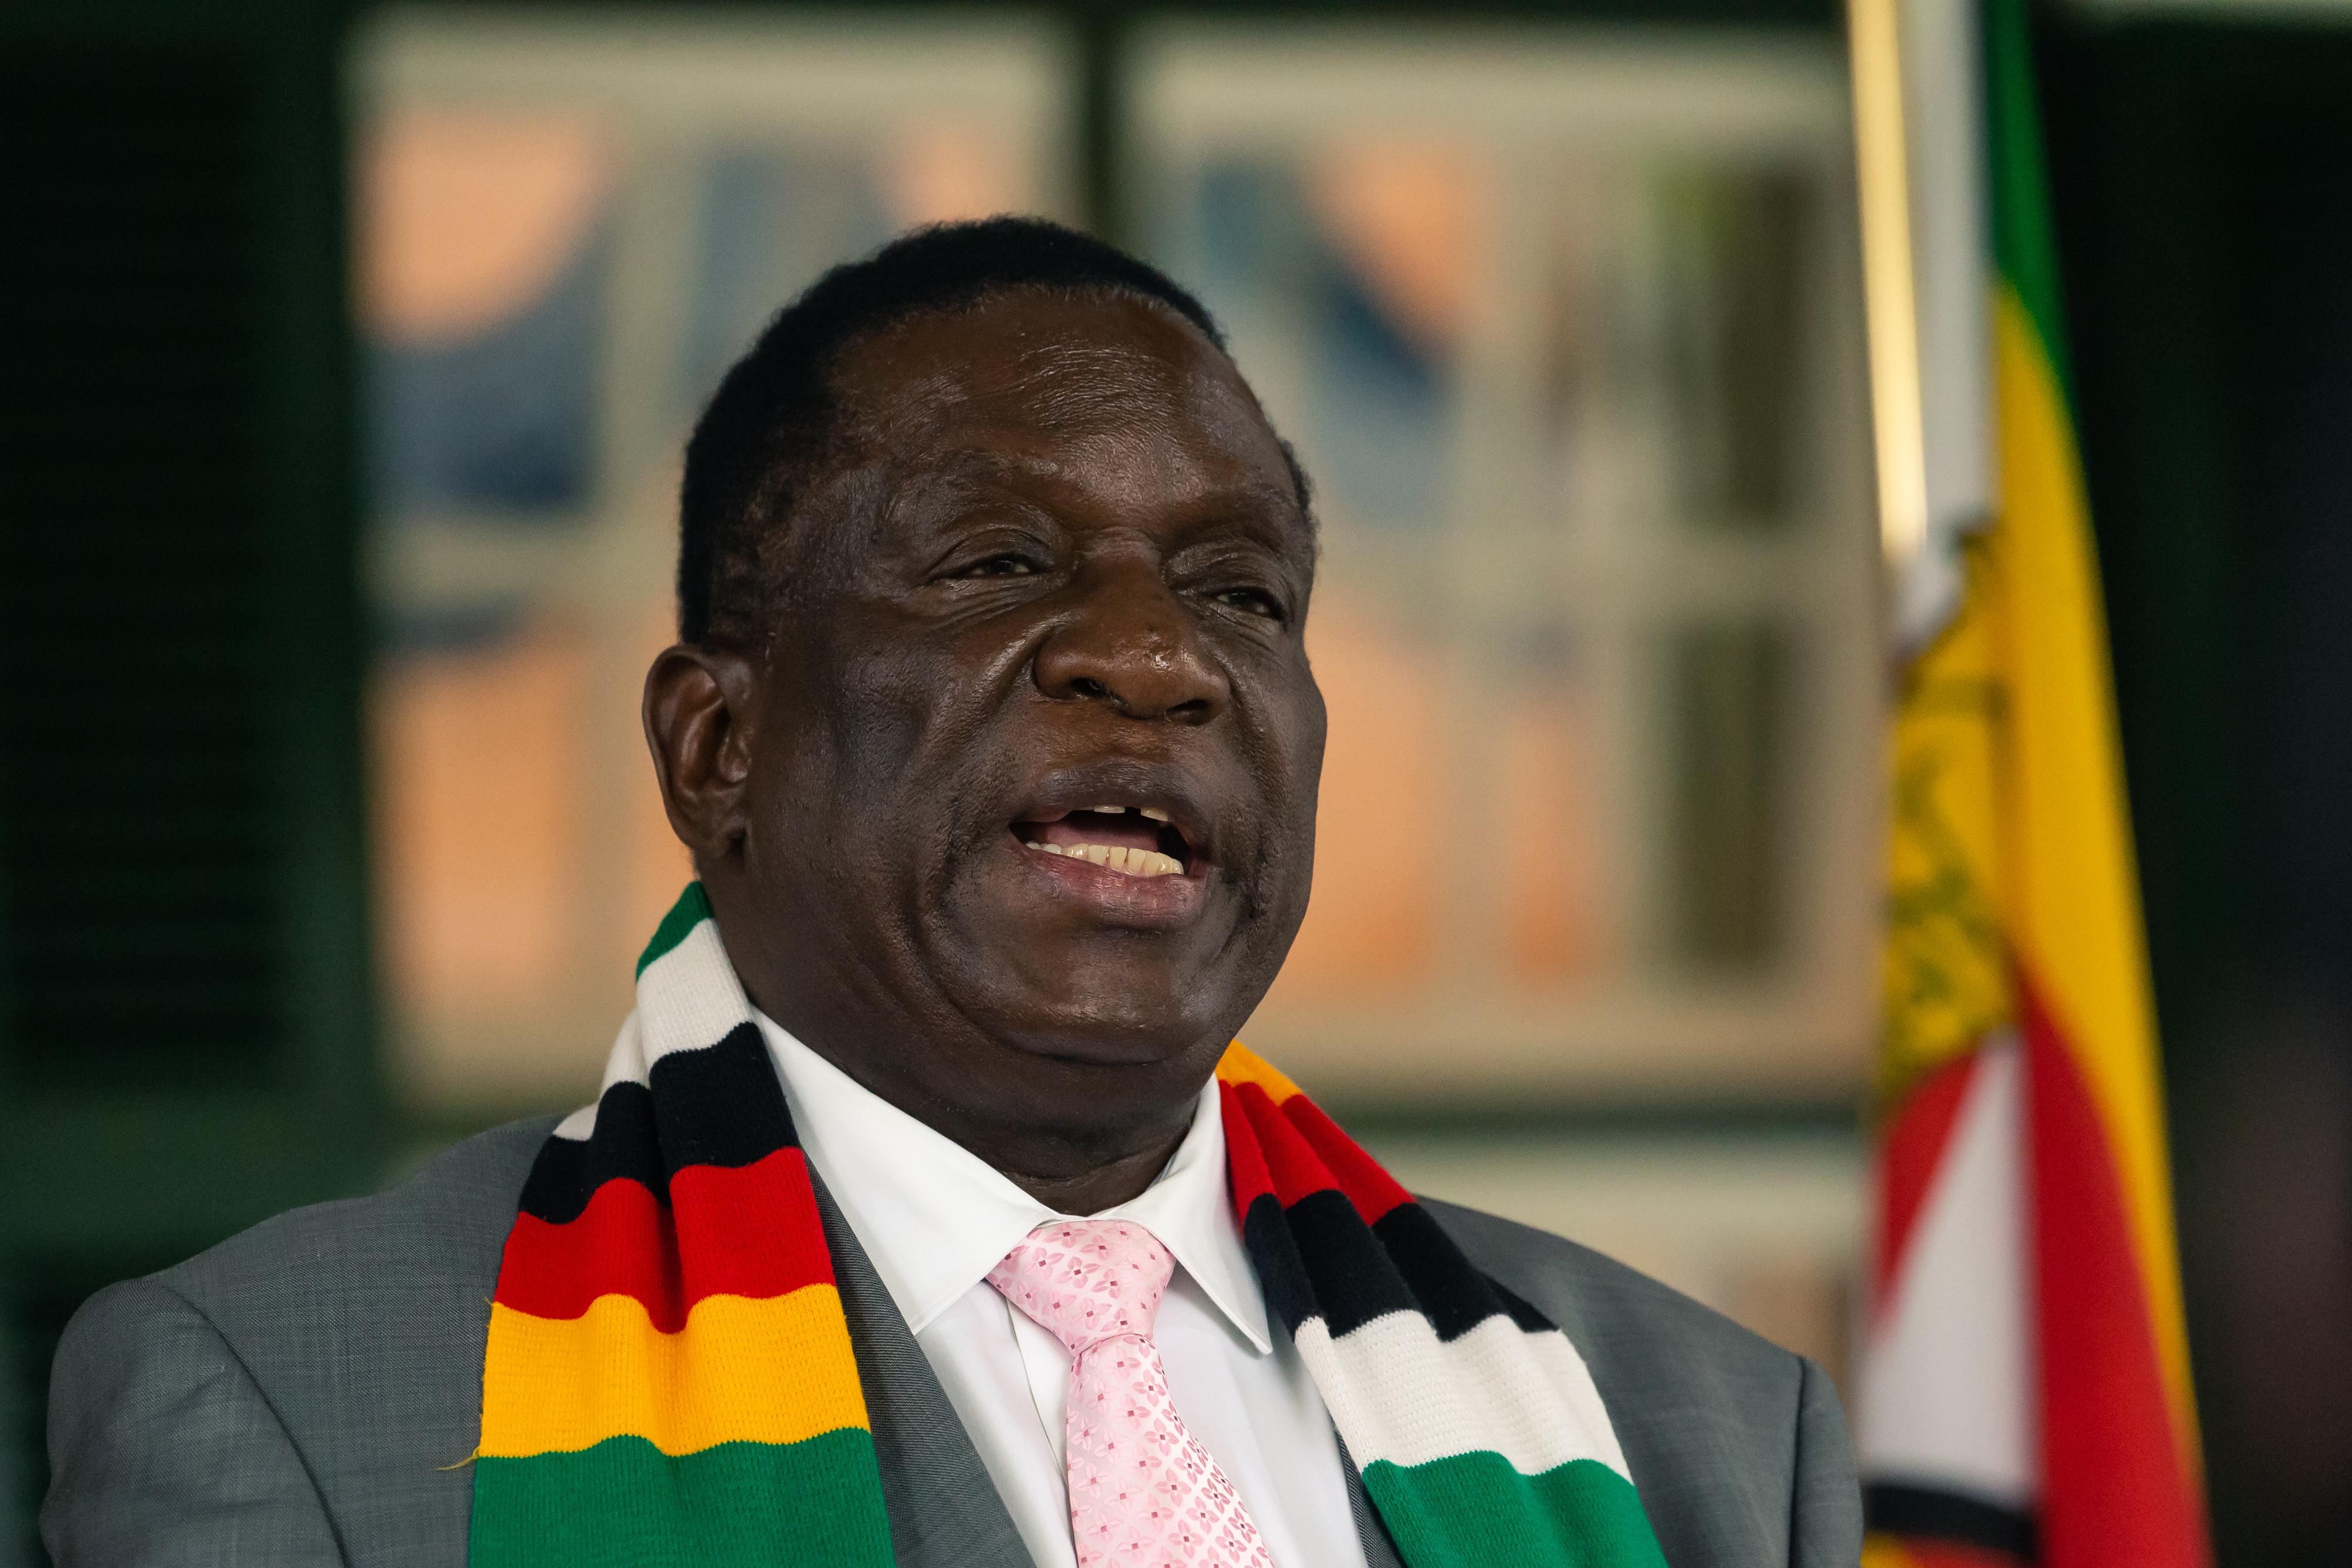 A zimbabwei kormány kétmillió dollárt próbálhatott meg tisztára mosni Magyarországon